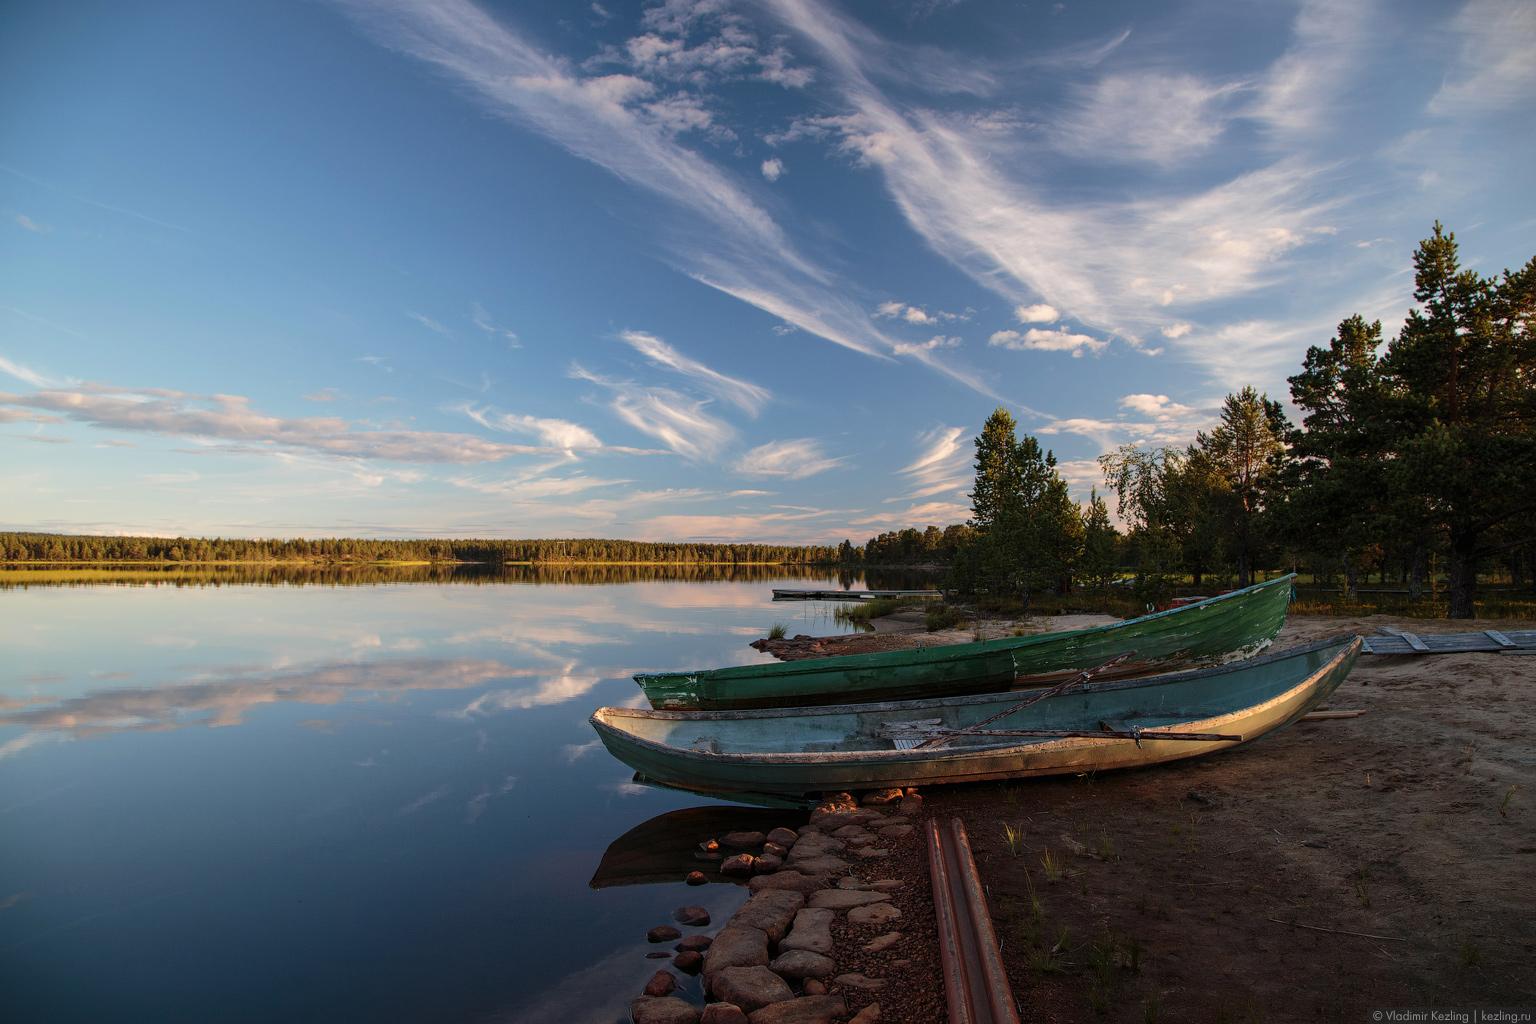 Направление: север. Финская Лапландия. Вид за окном: безмятежное озеро